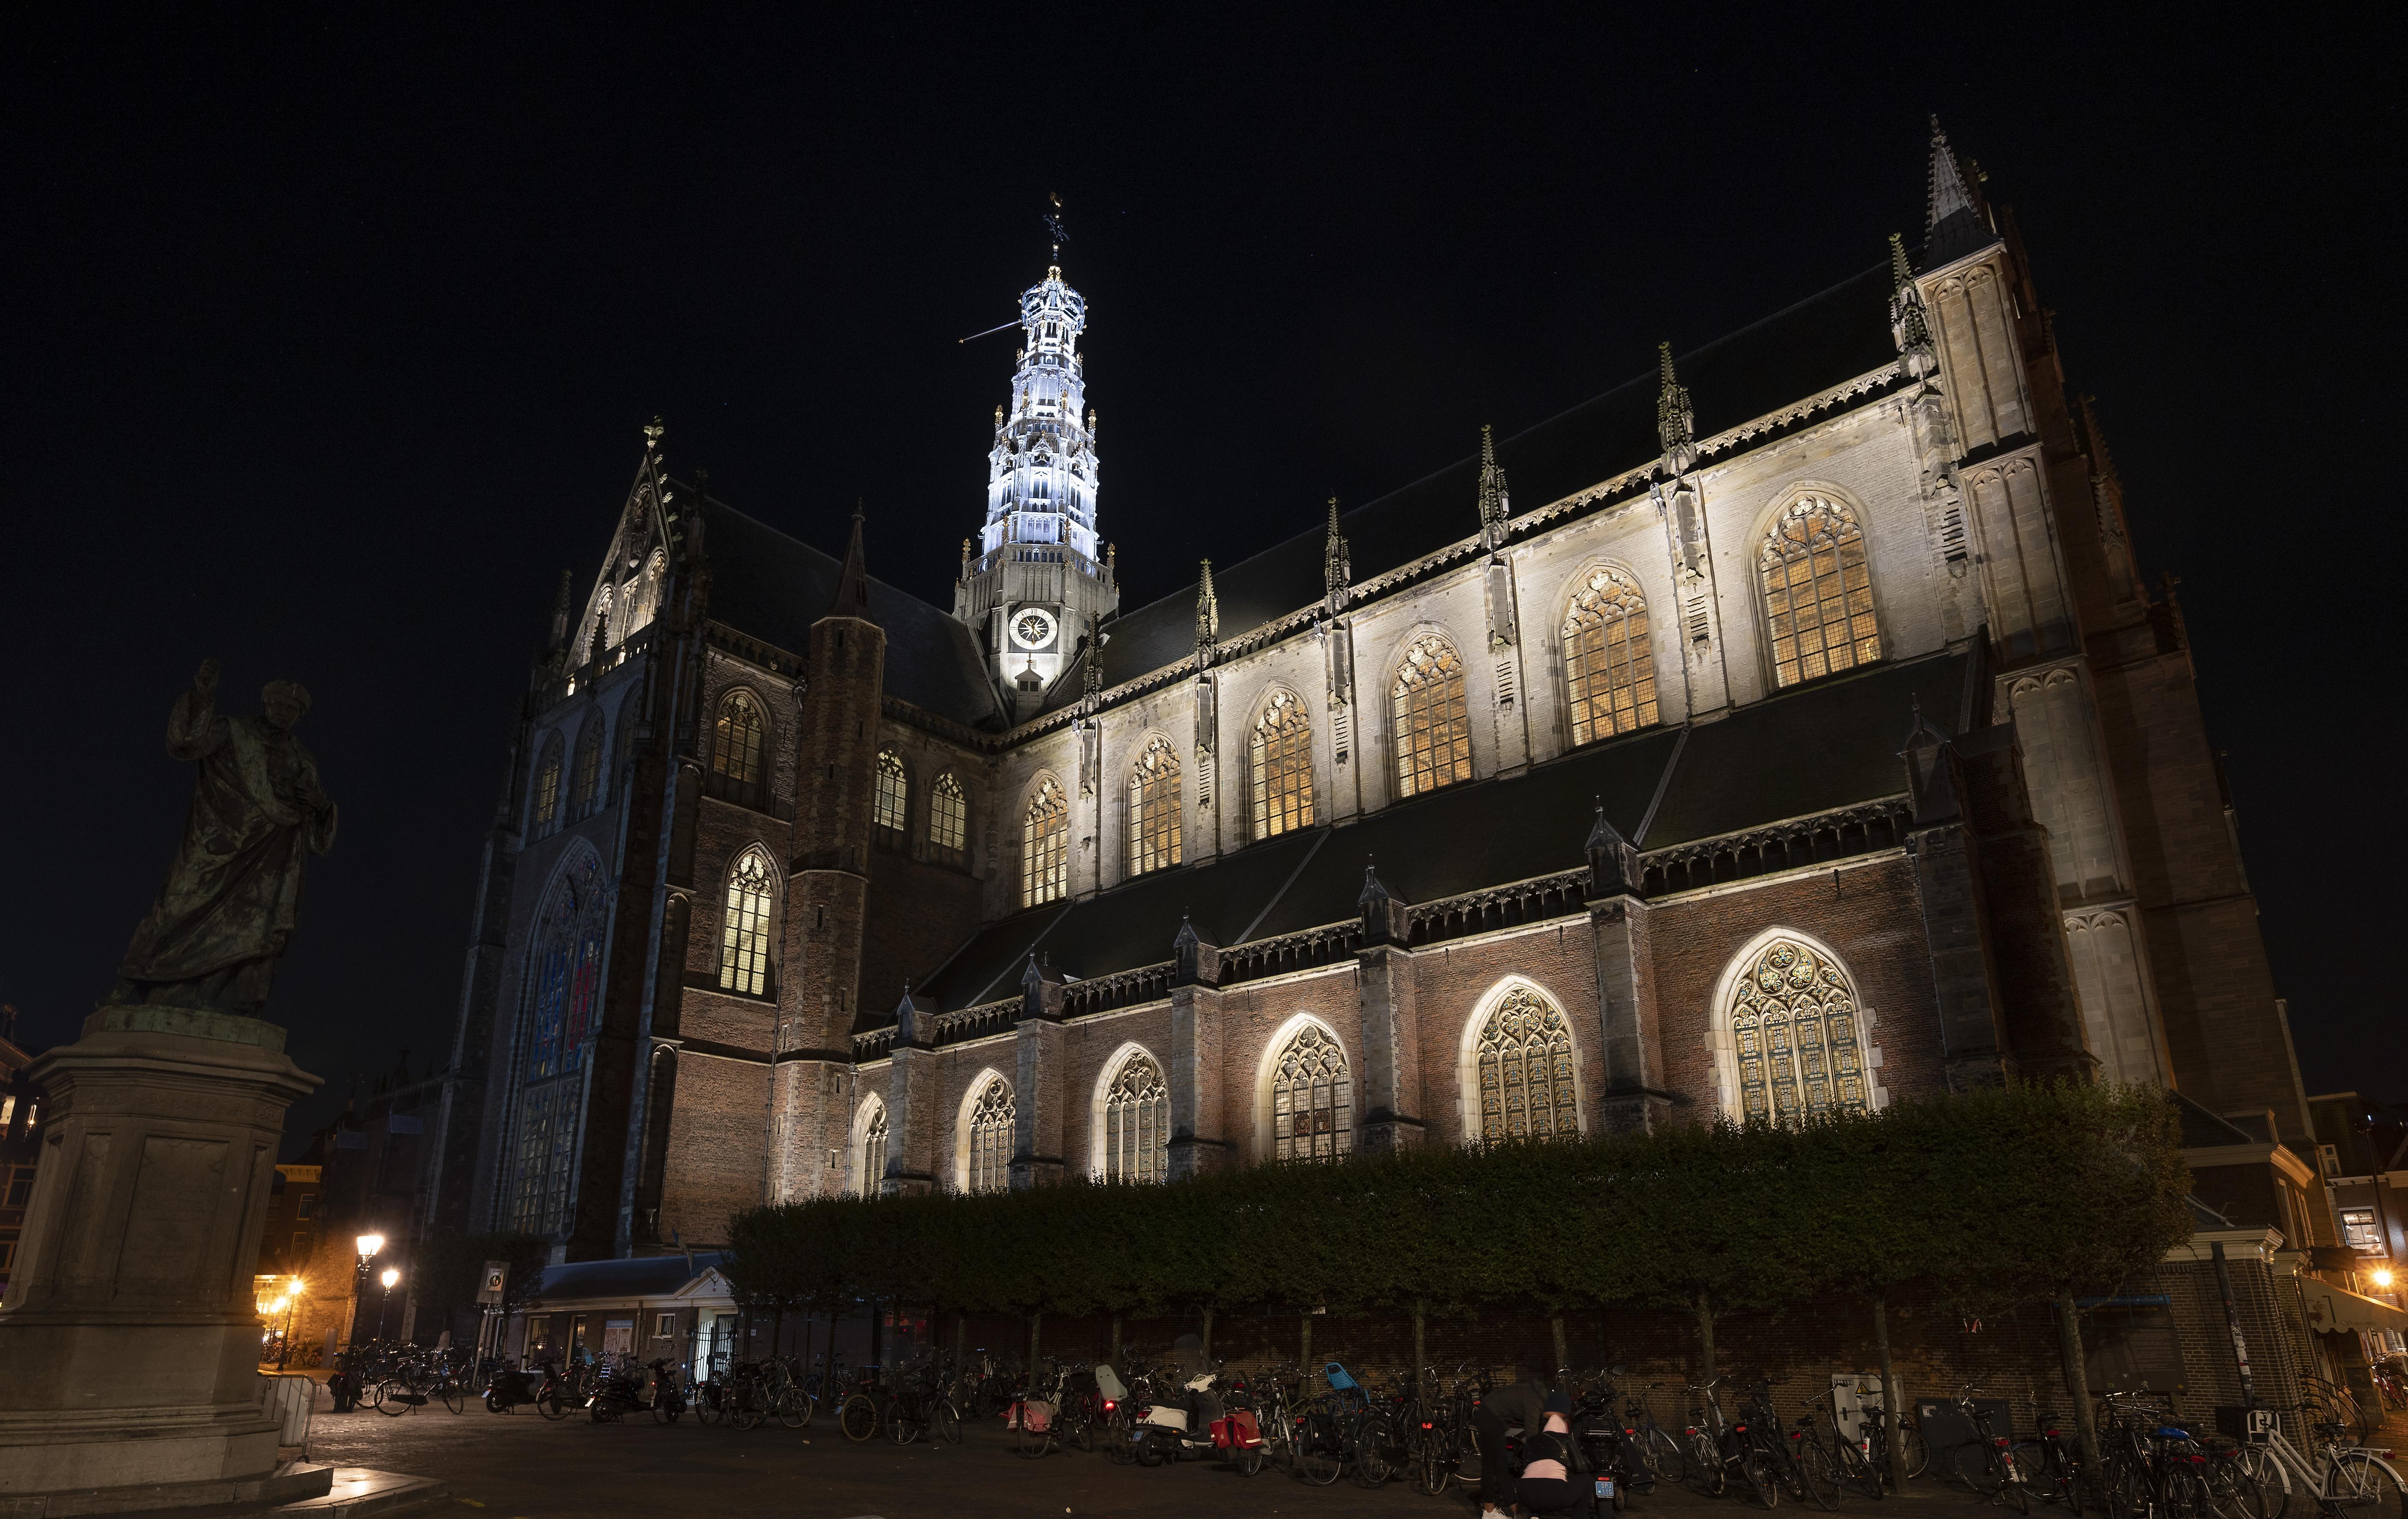 Nieuw licht op 'mooiste van het land'. Energiezuinige schijnwerpers op Oude Baaf in Haarlem kosten zes ton en zorgen voor een fraai schouwspel